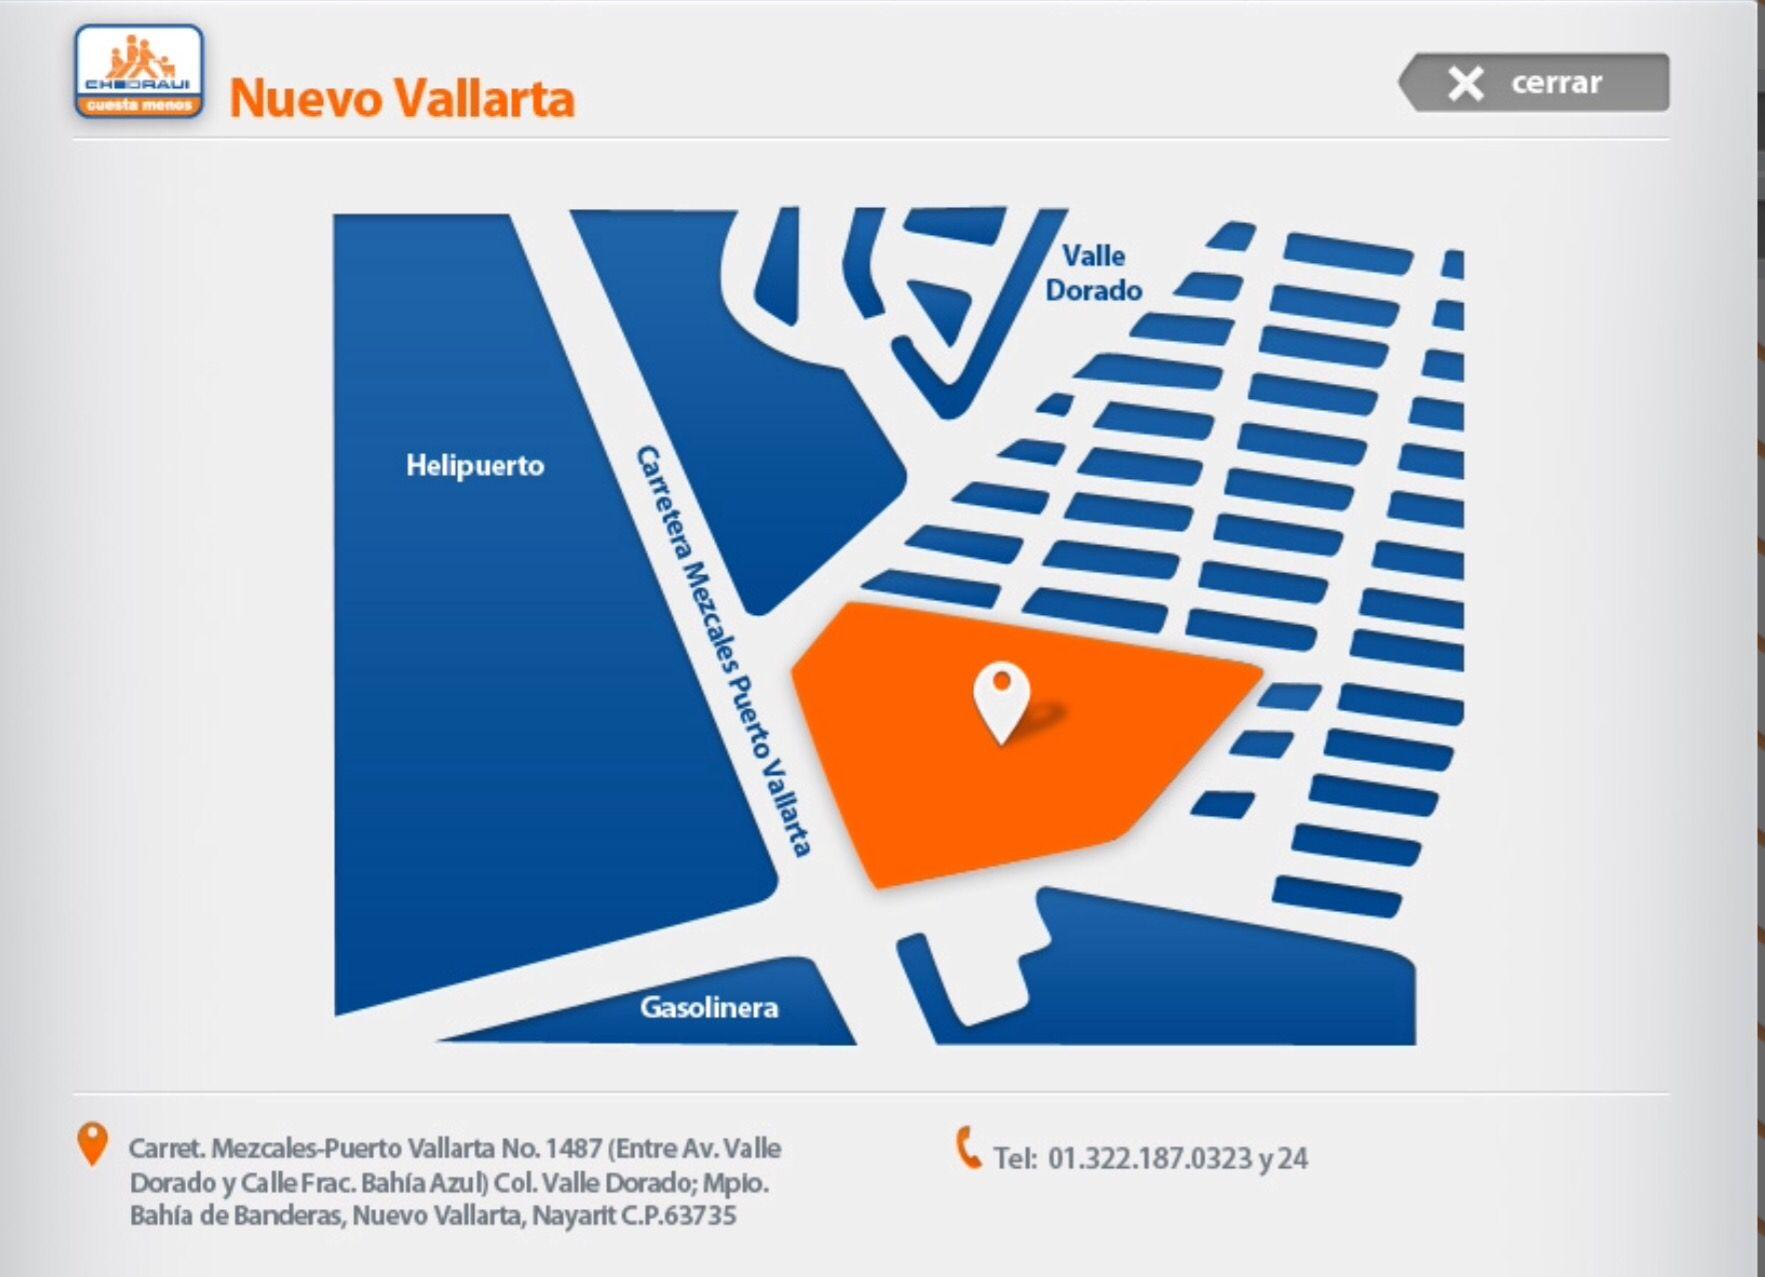 Chedraui Nueva Vallarta Chedraui Nuevo Vallarta Supermarket Valle Dorado Carretera Mezcales Puerto Vallarta No 1487 V Puerto Vallarta Pie Chart Vallarta